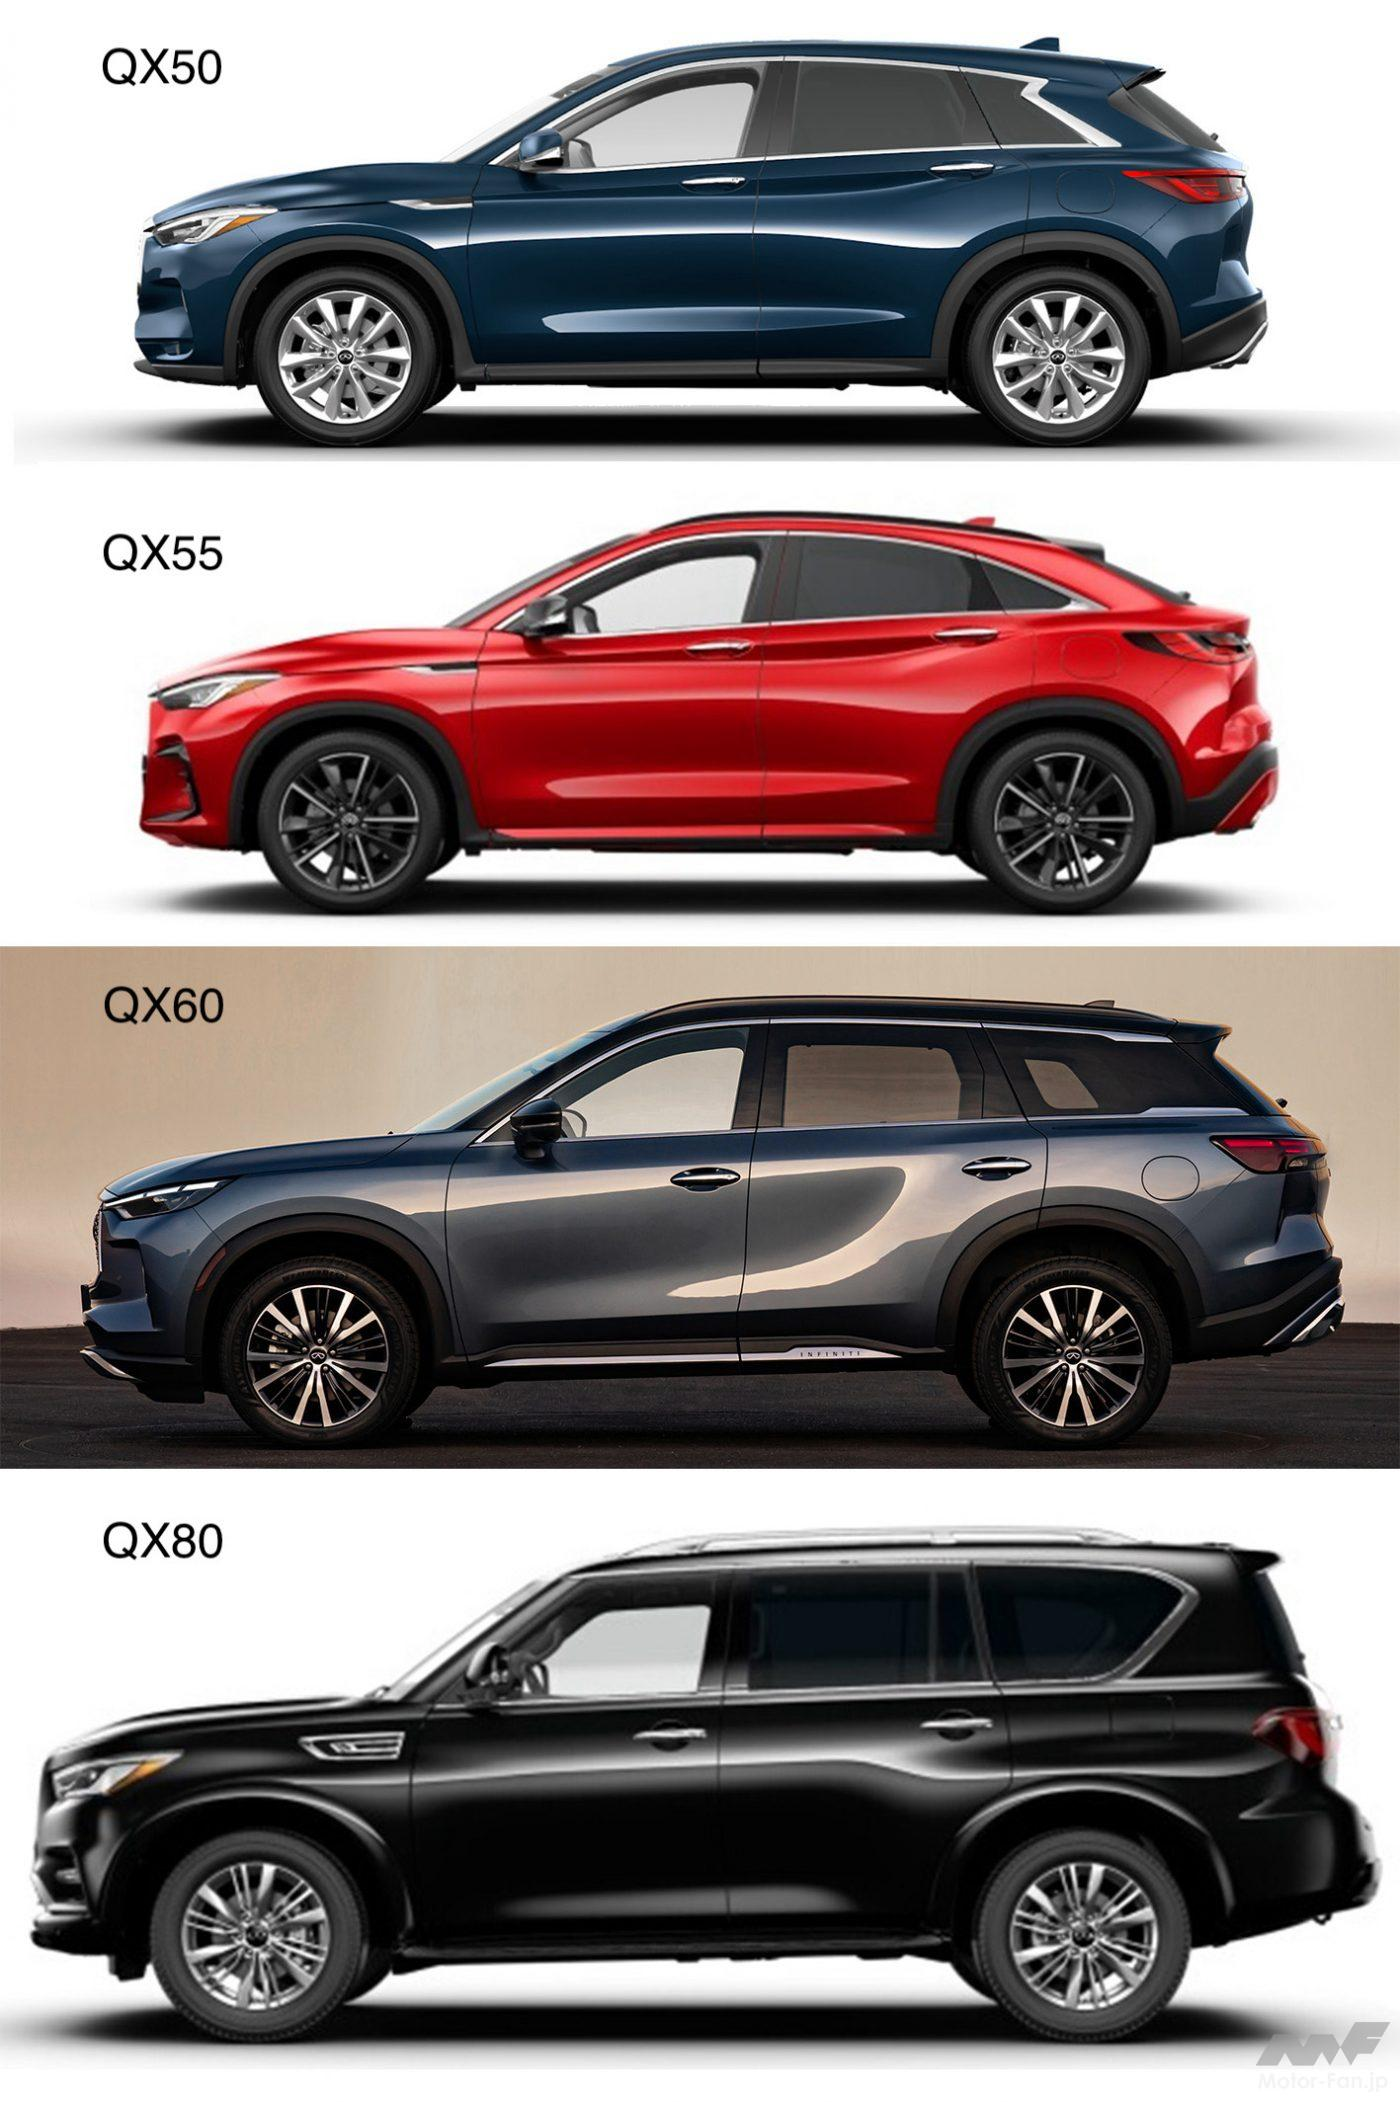 「日産SUV全14モデル マグナイト、キックス、エクストレイルから全長5.3m超のパトロールまで多彩な顔ぶれ」の3枚目の画像